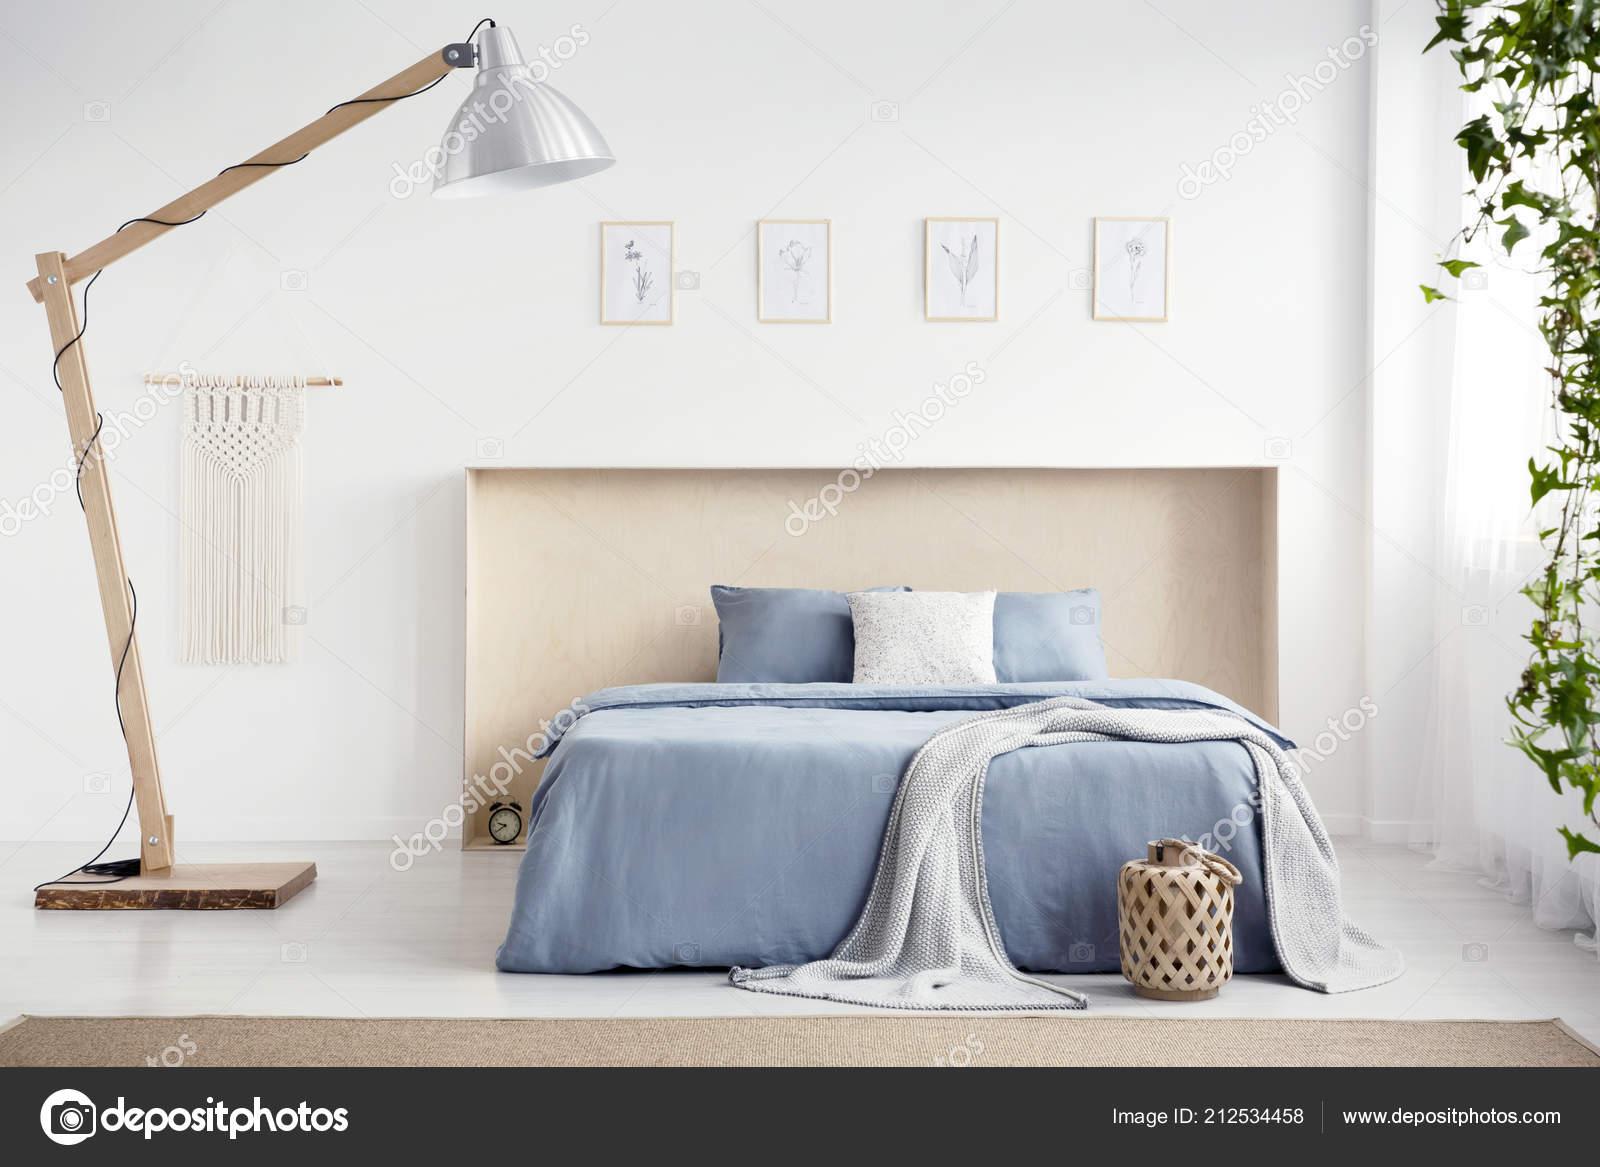 Slaapkamer Blauw Wit : Dit blauw witte interieur zit vol contrasten alles om van je